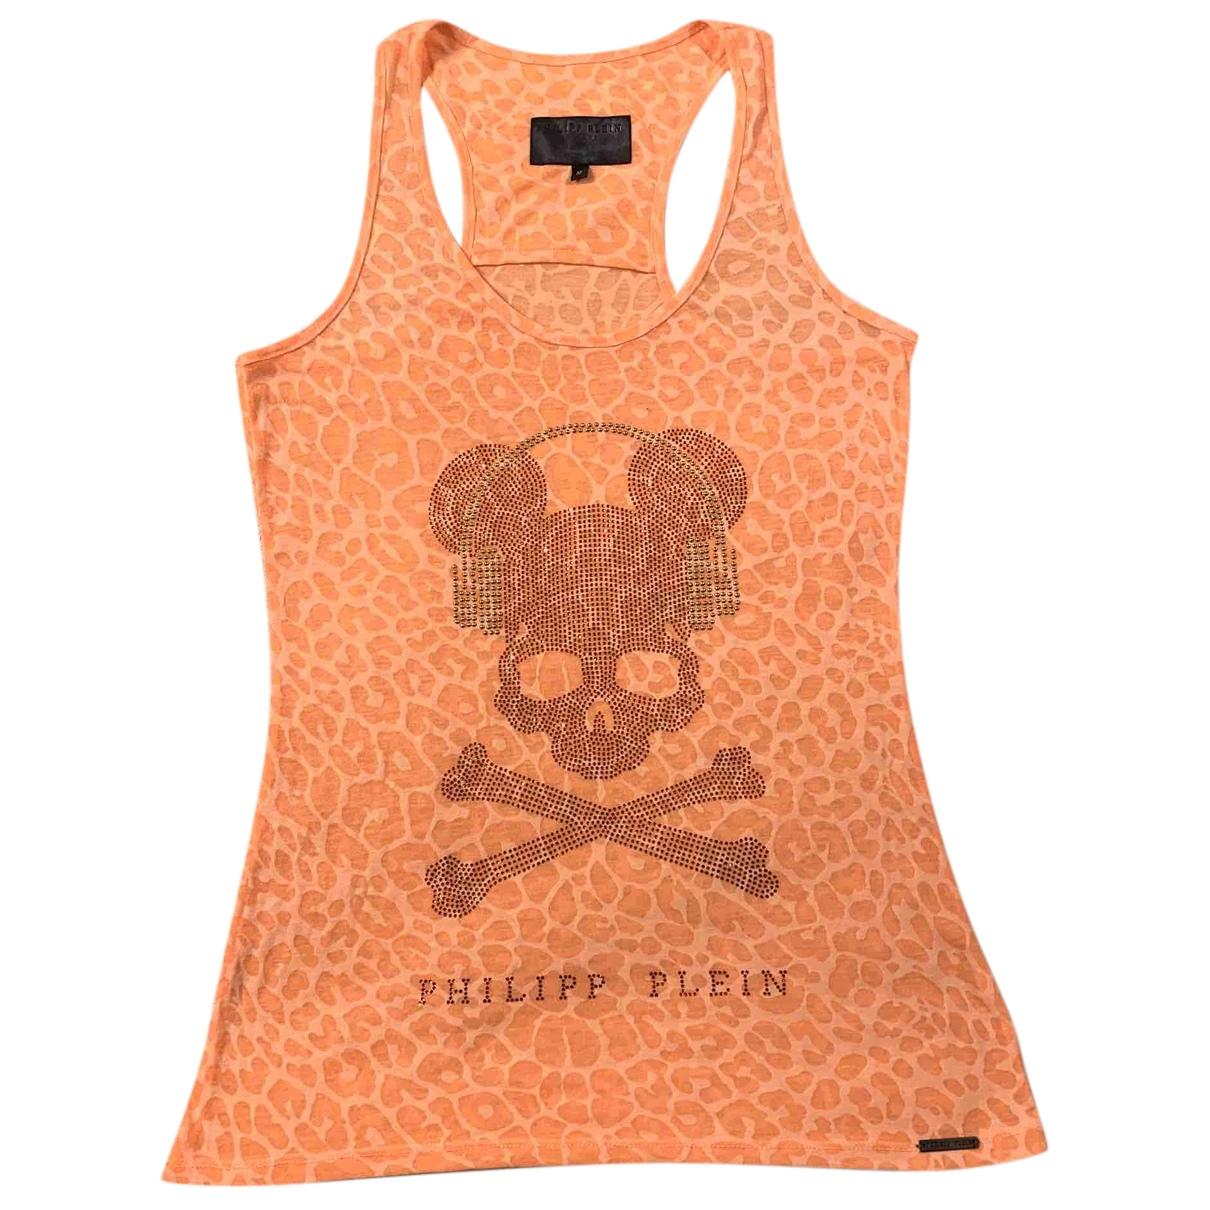 Philipp Plein - Top   pour femme en coton - orange